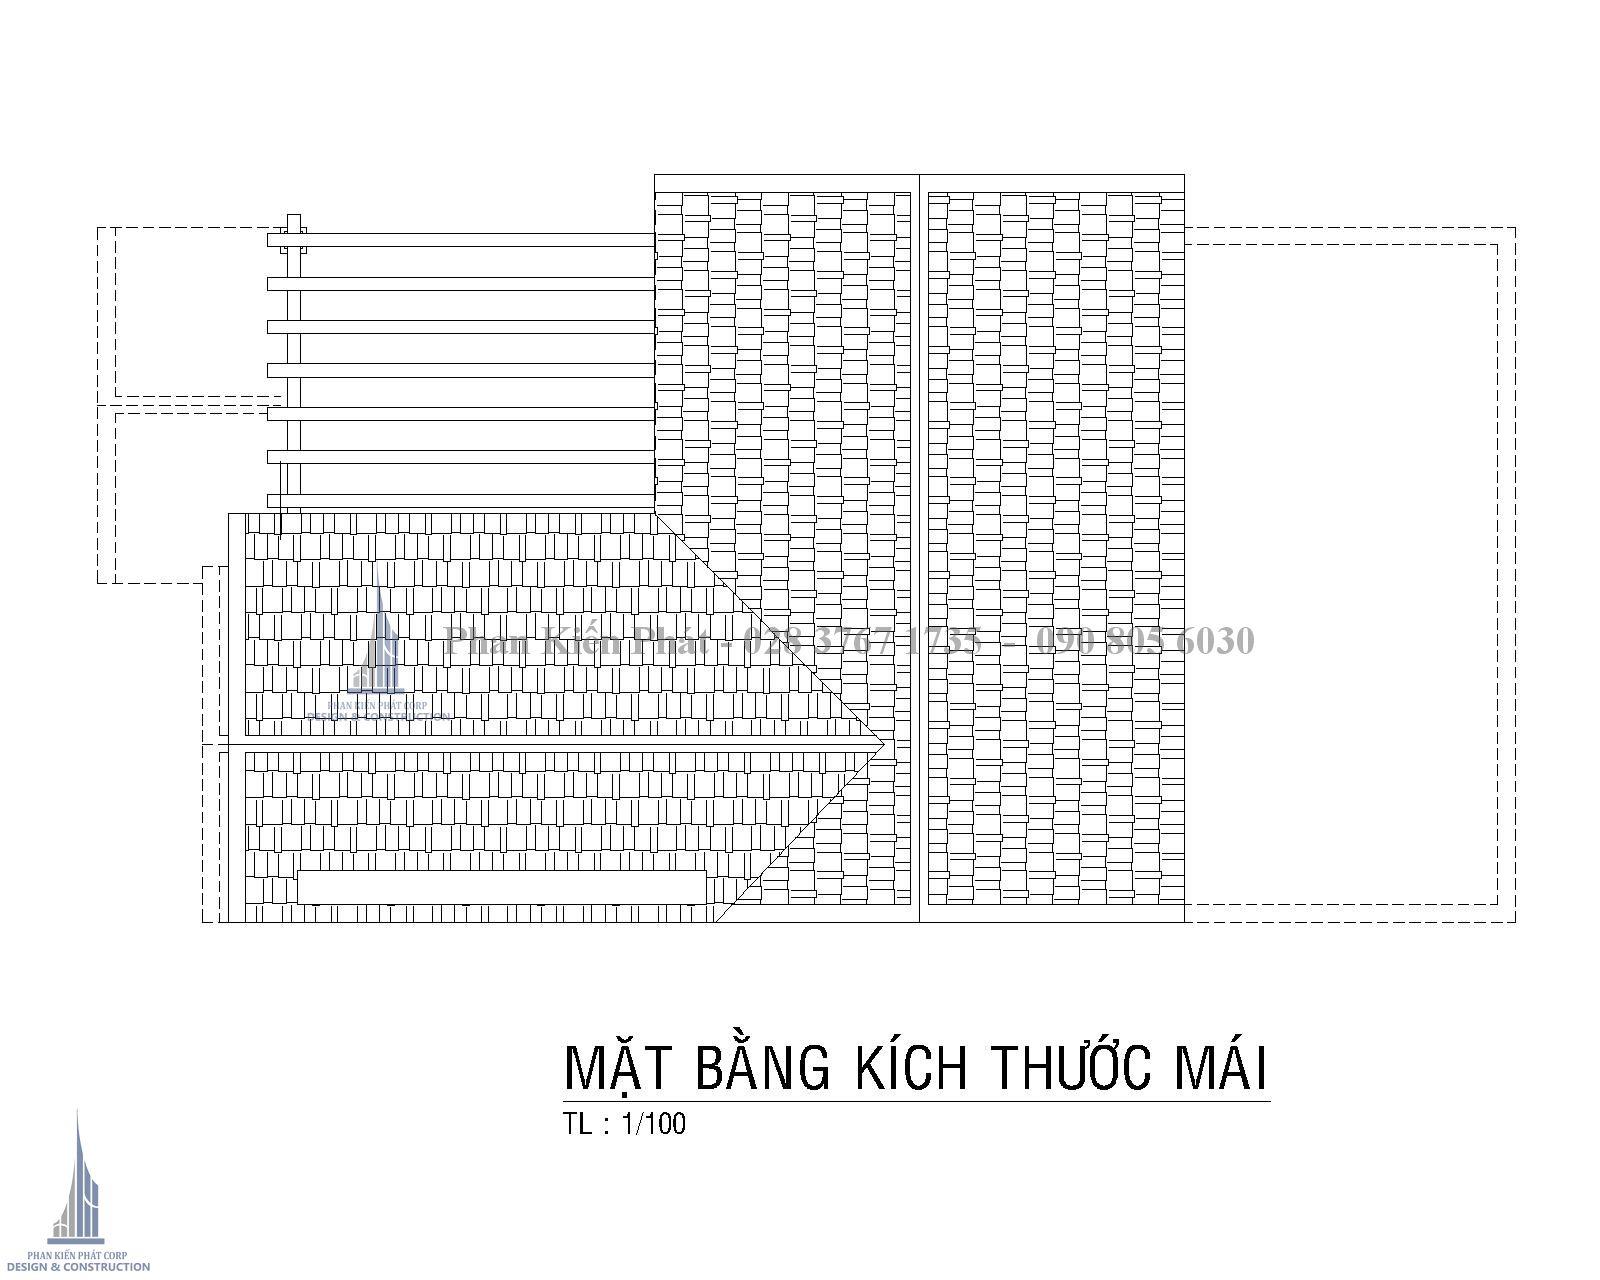 Mat Bang Tang Mai Biet Thu Co Dien